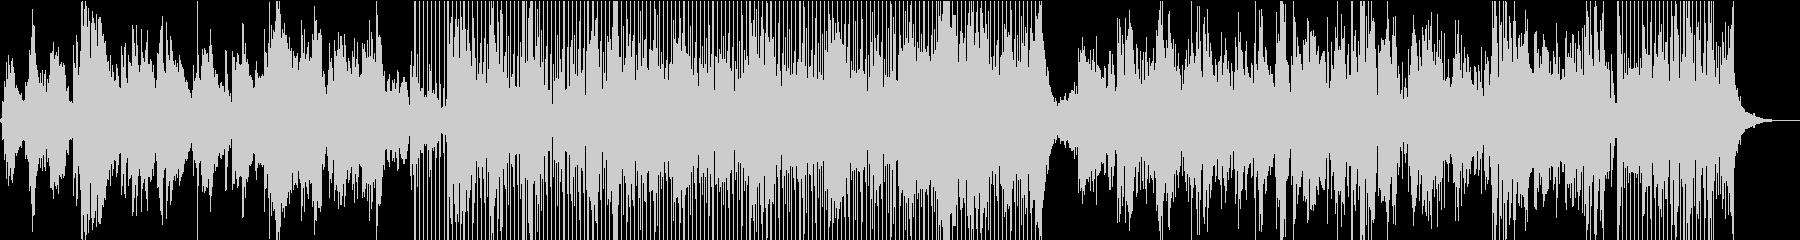 サックスソロとベースのジャジーなバ...の未再生の波形